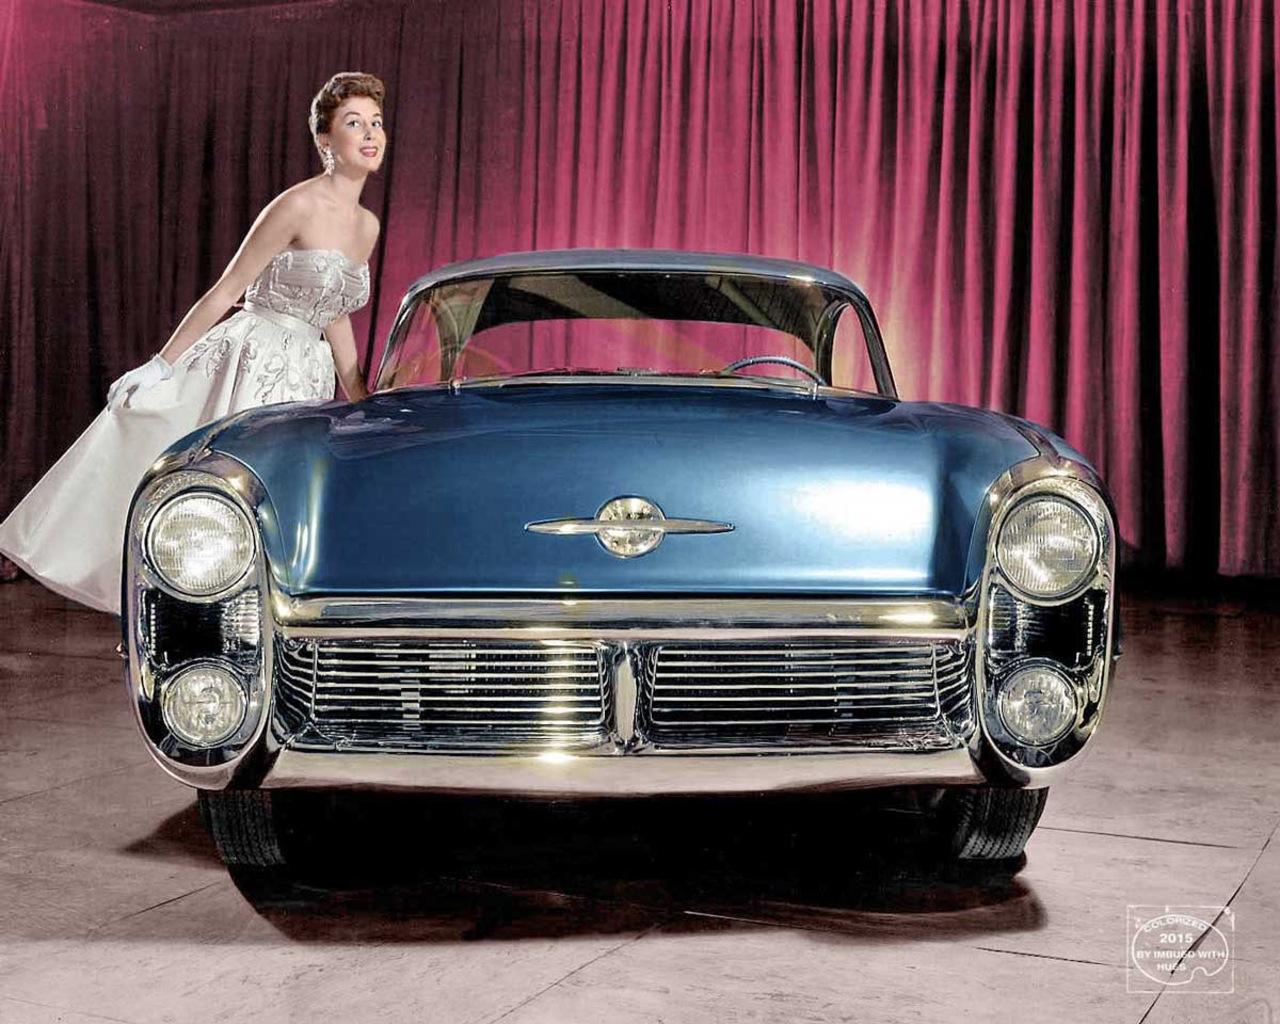 1955 Oldsmobile 88 Delta Motorama Concept general motors, концепт, фотографии